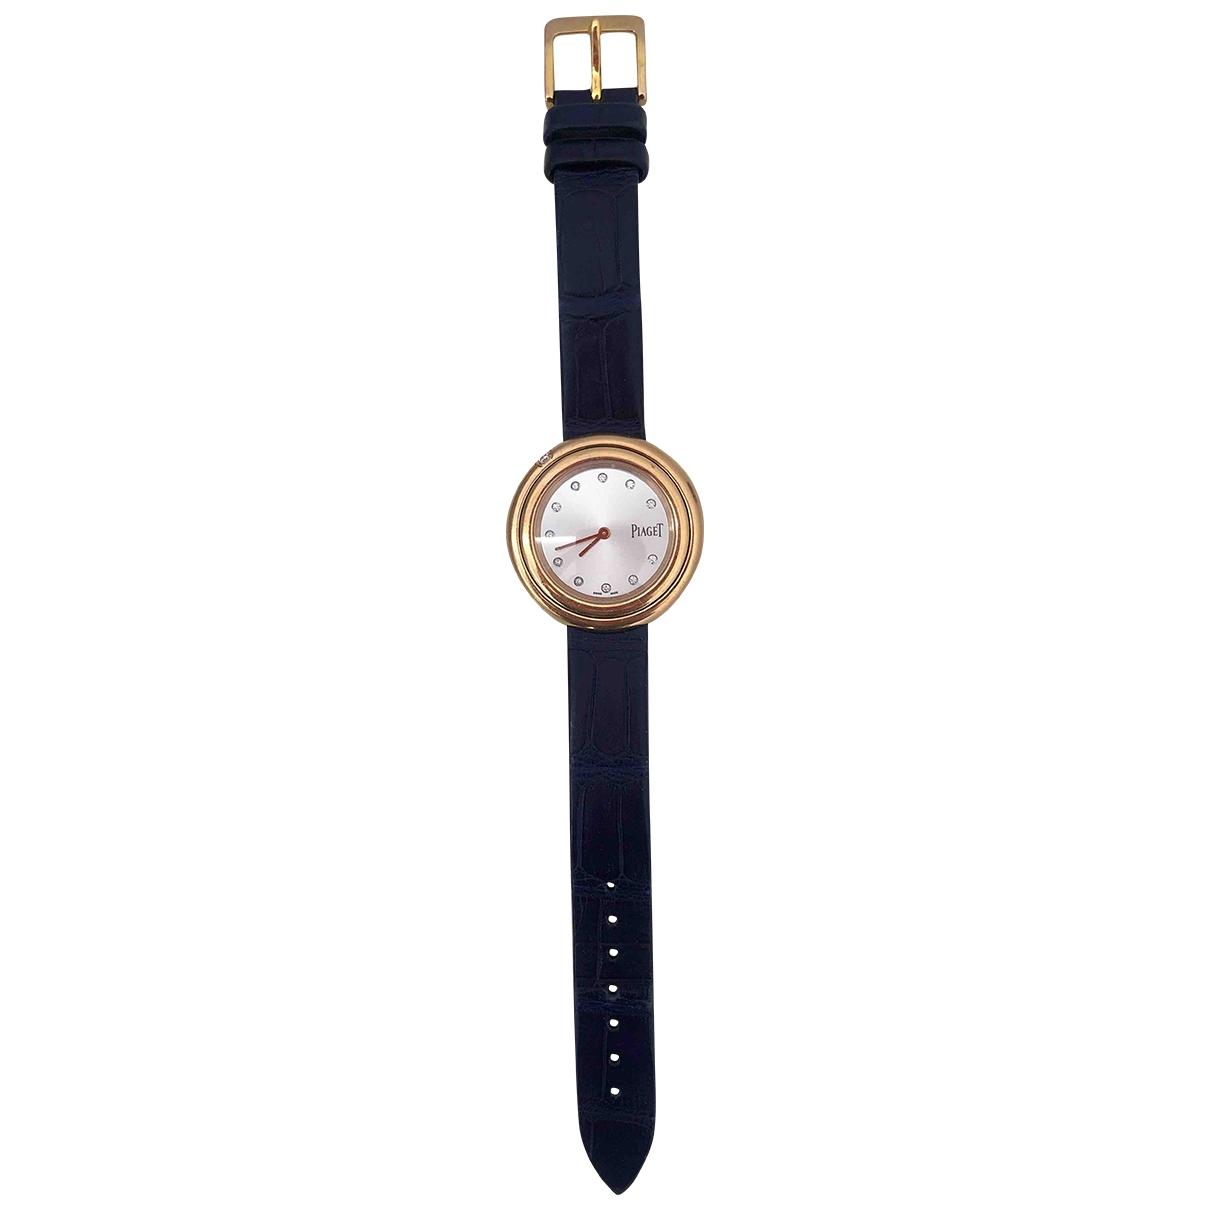 Piaget - Montre Classique pour femme en or rose - bleu